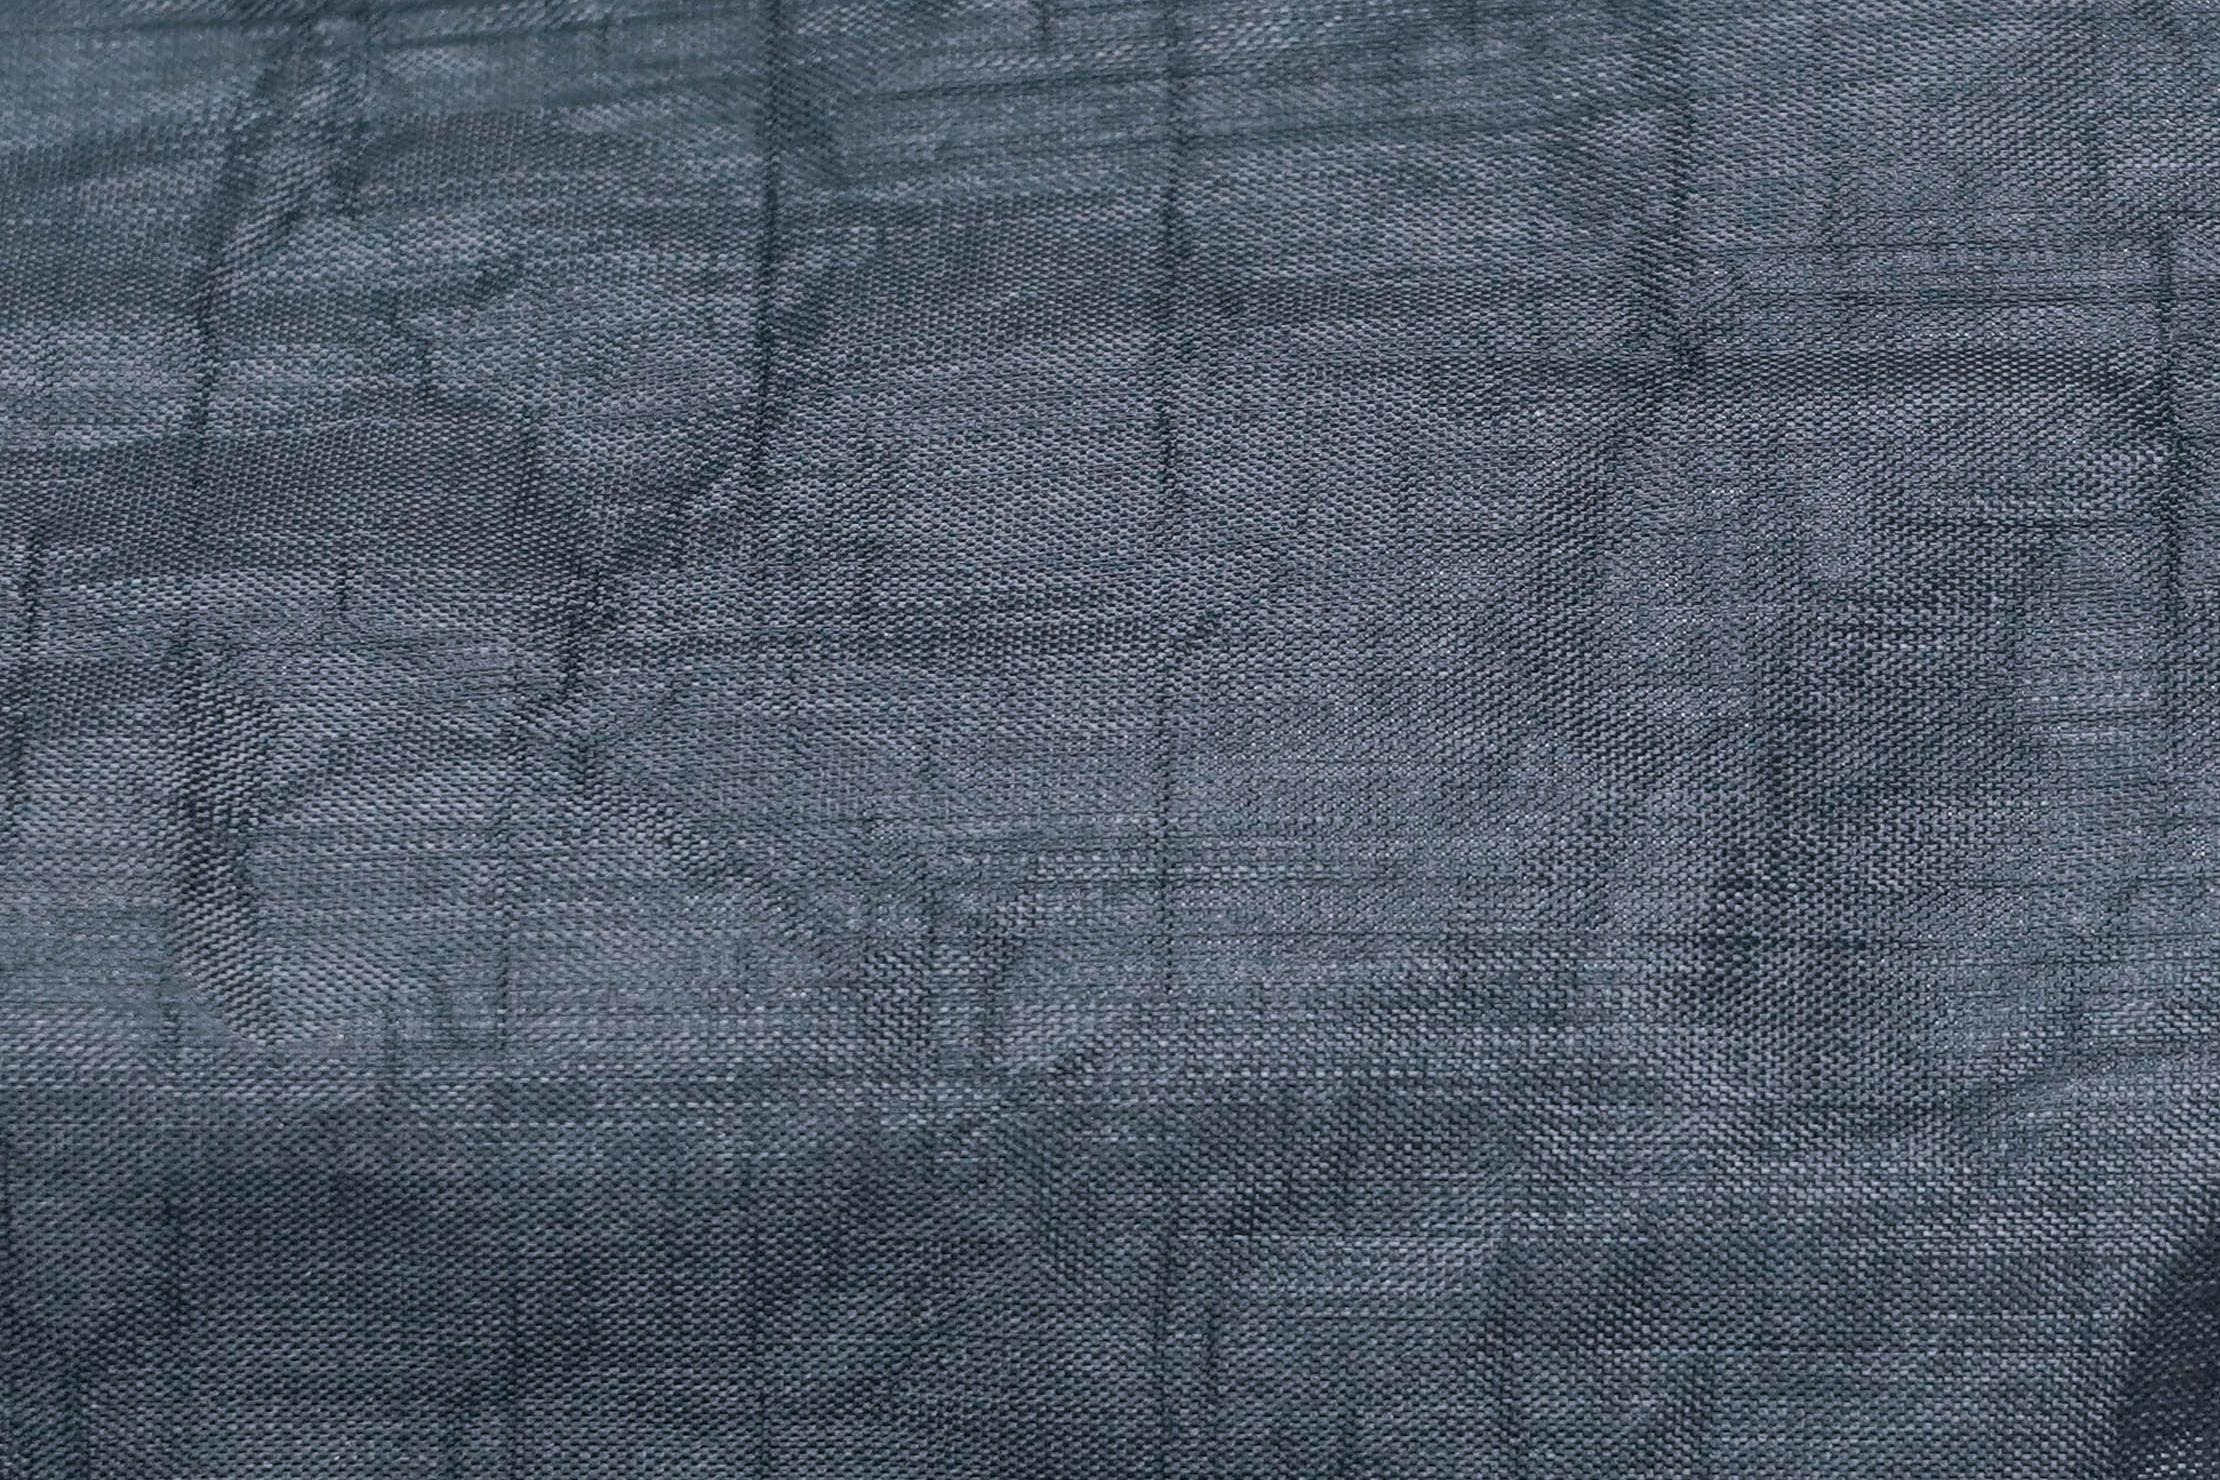 Hyperlite Mountain Gear Versa Material